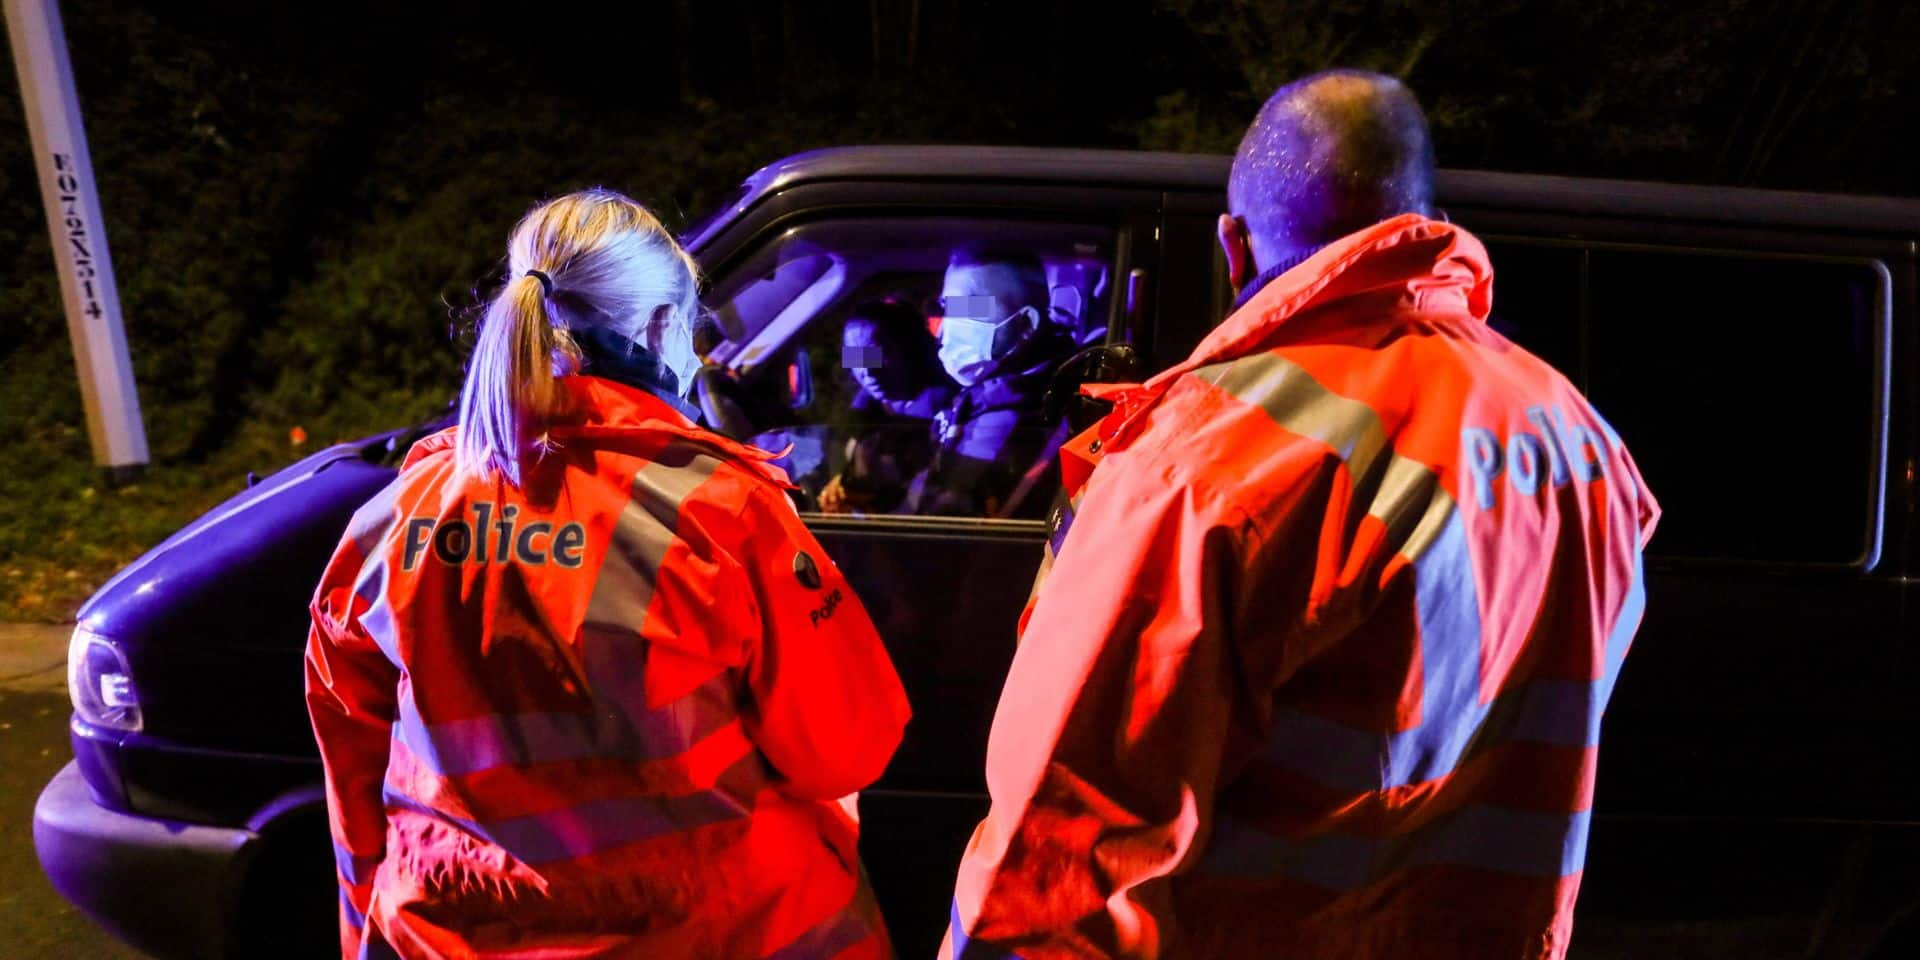 La police découvre 17 clandestins vietnamiens dans un camion sur l'E19 à Wauthier-Braine